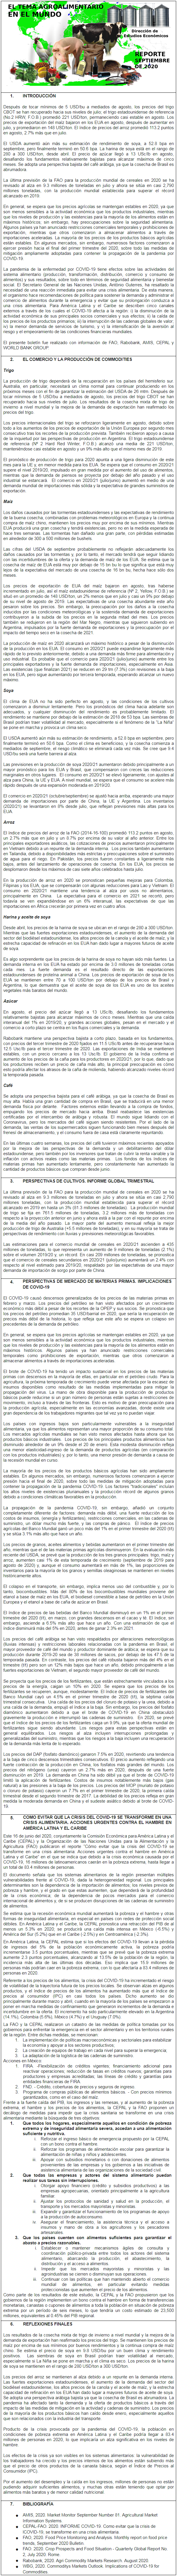 REPORTE: EL TEMA AGROALIMENTARIO EN EL MUNDO, SEPTIEMBRE 2020.